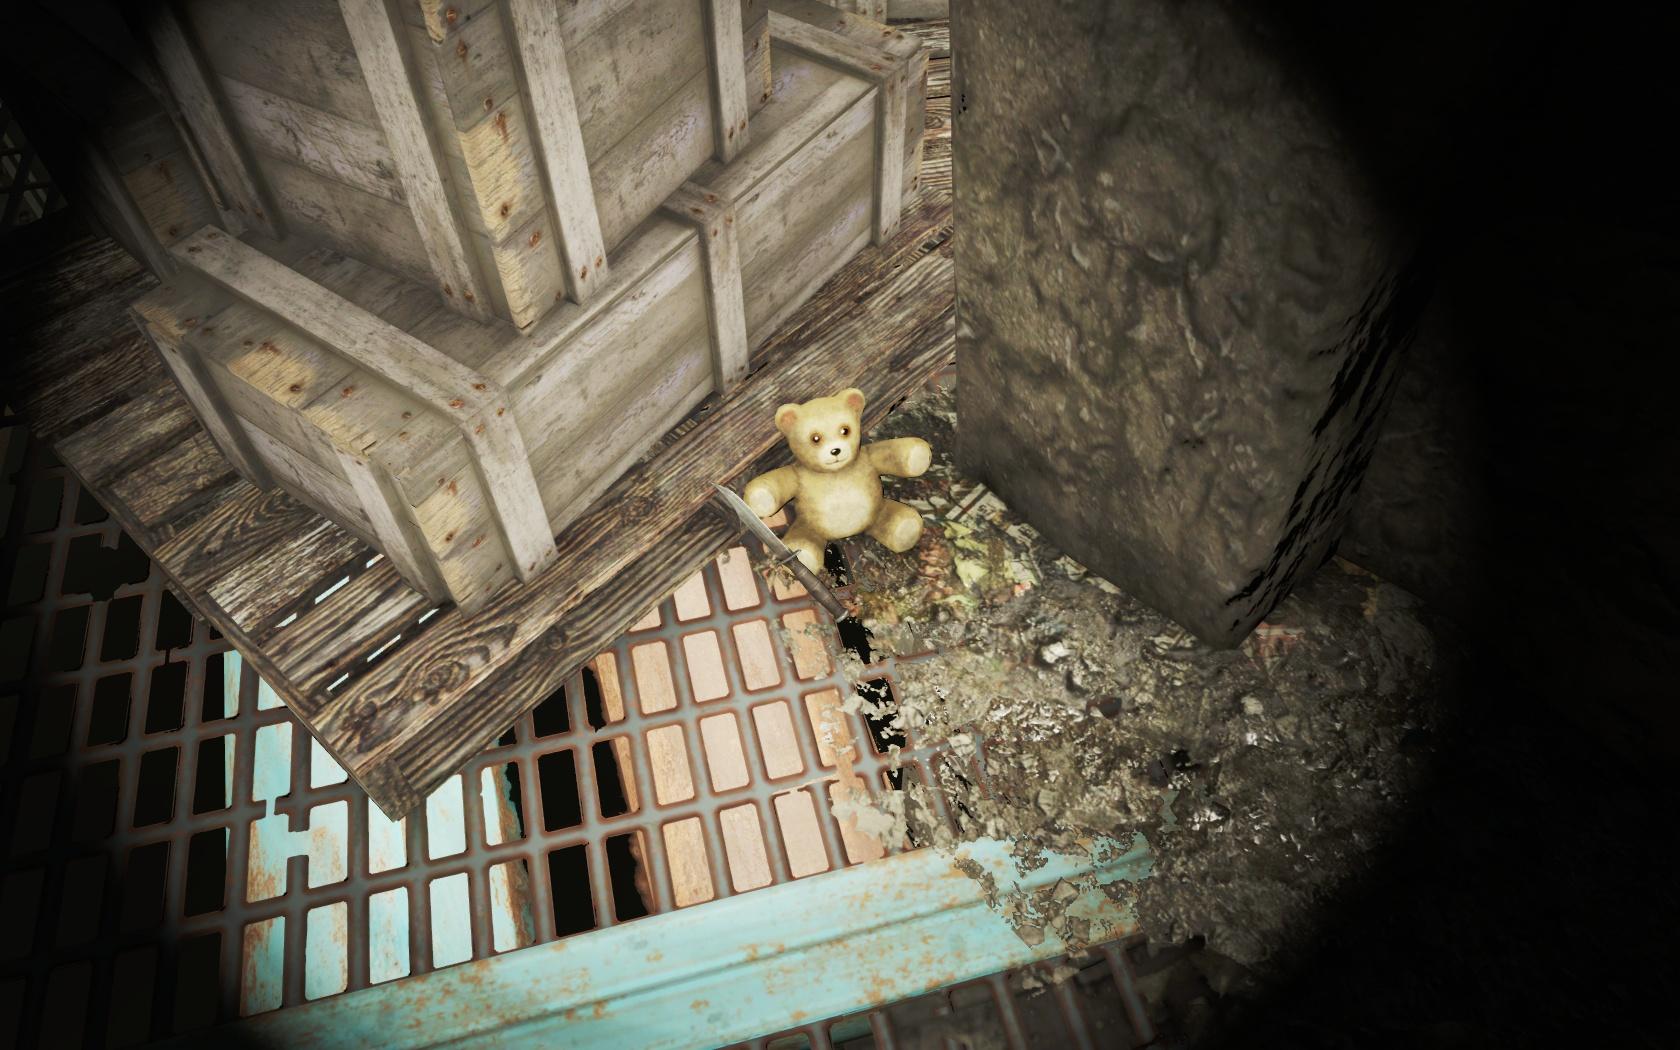 Засада (Канализация Фенс-стрит) - Fallout 4 Канализация, Канализация Фенс-стрит, Фенс, Фенс-стрит